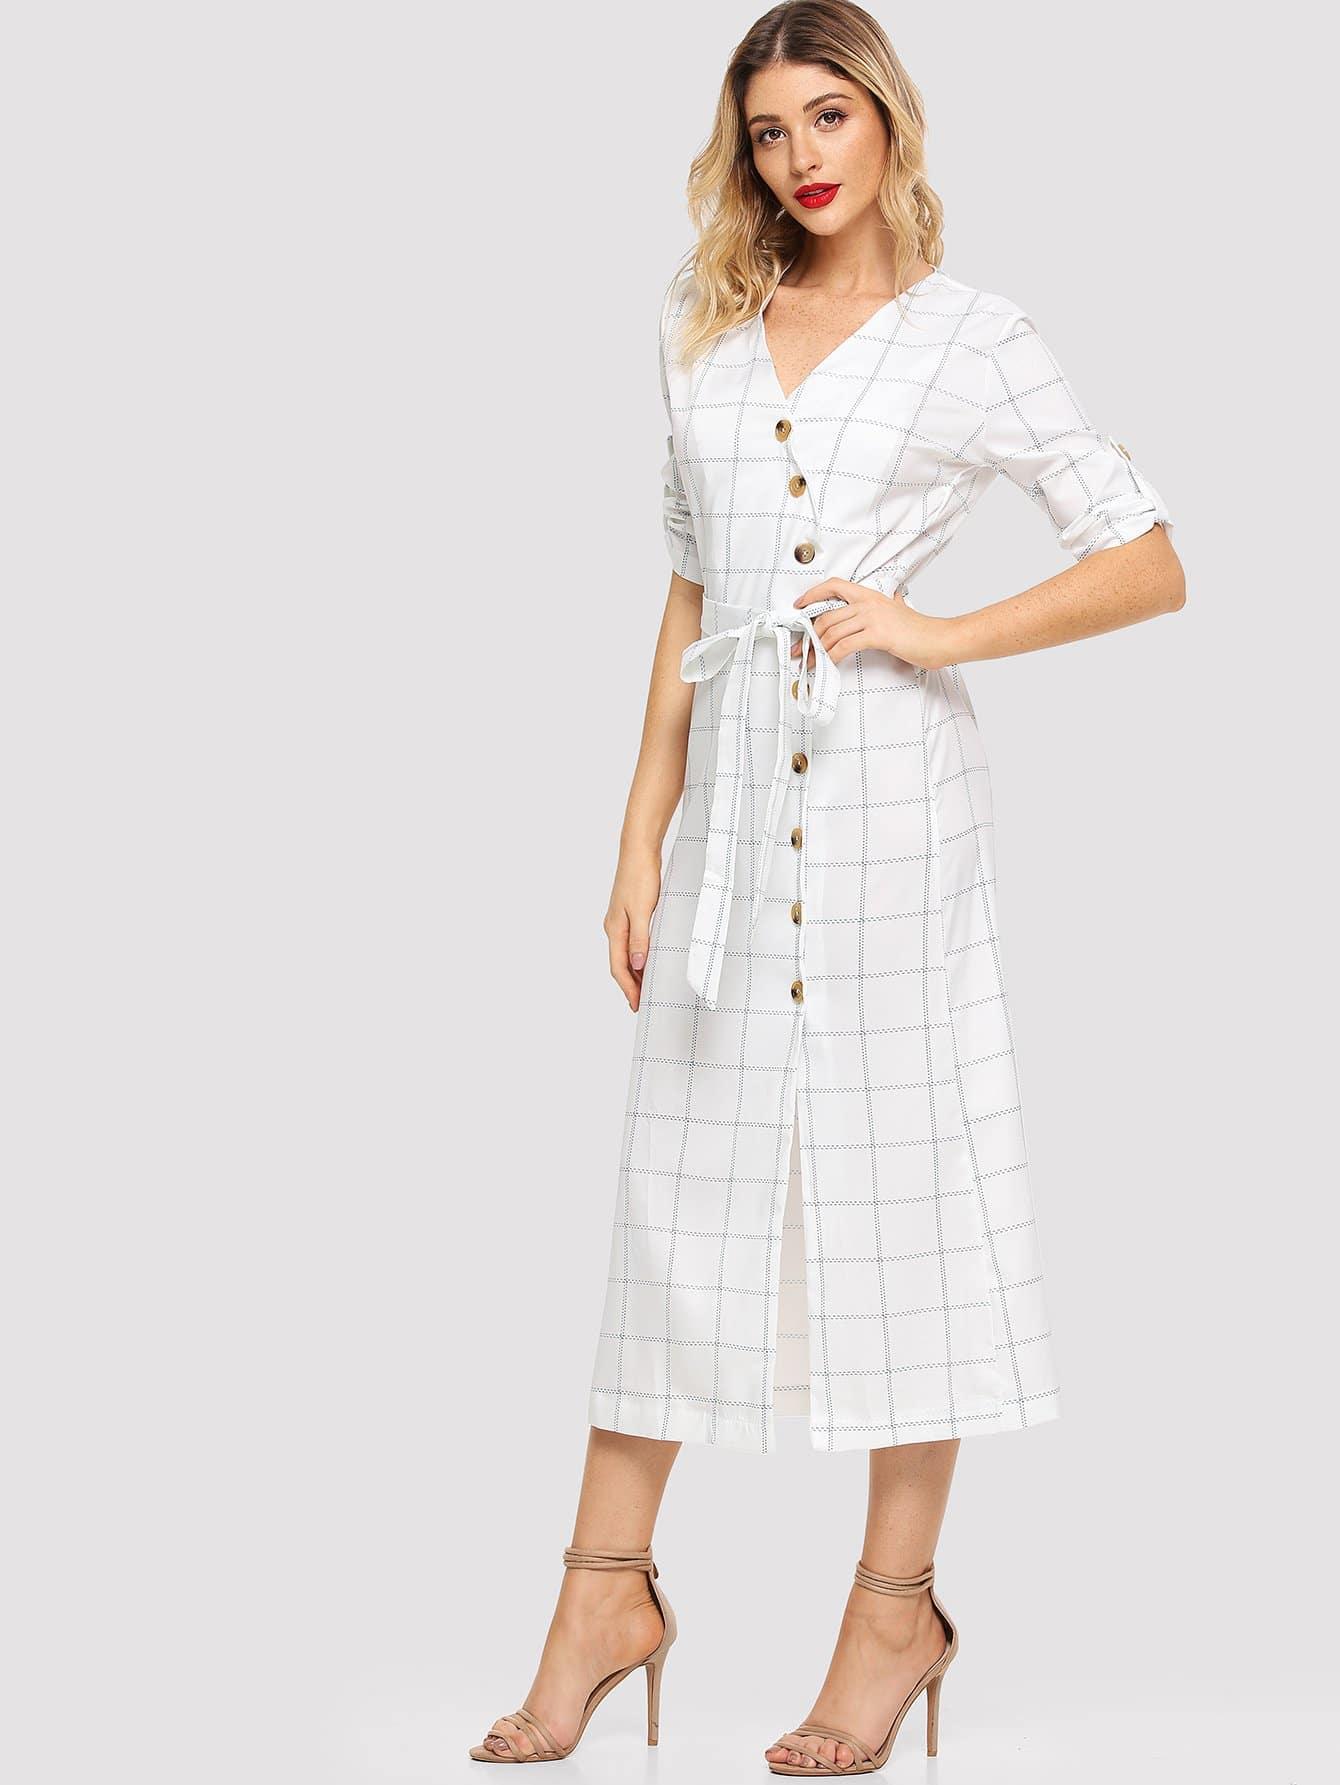 Купить Платье в клетку и с украшением пуговицы и с поясом, Nathane, SheIn